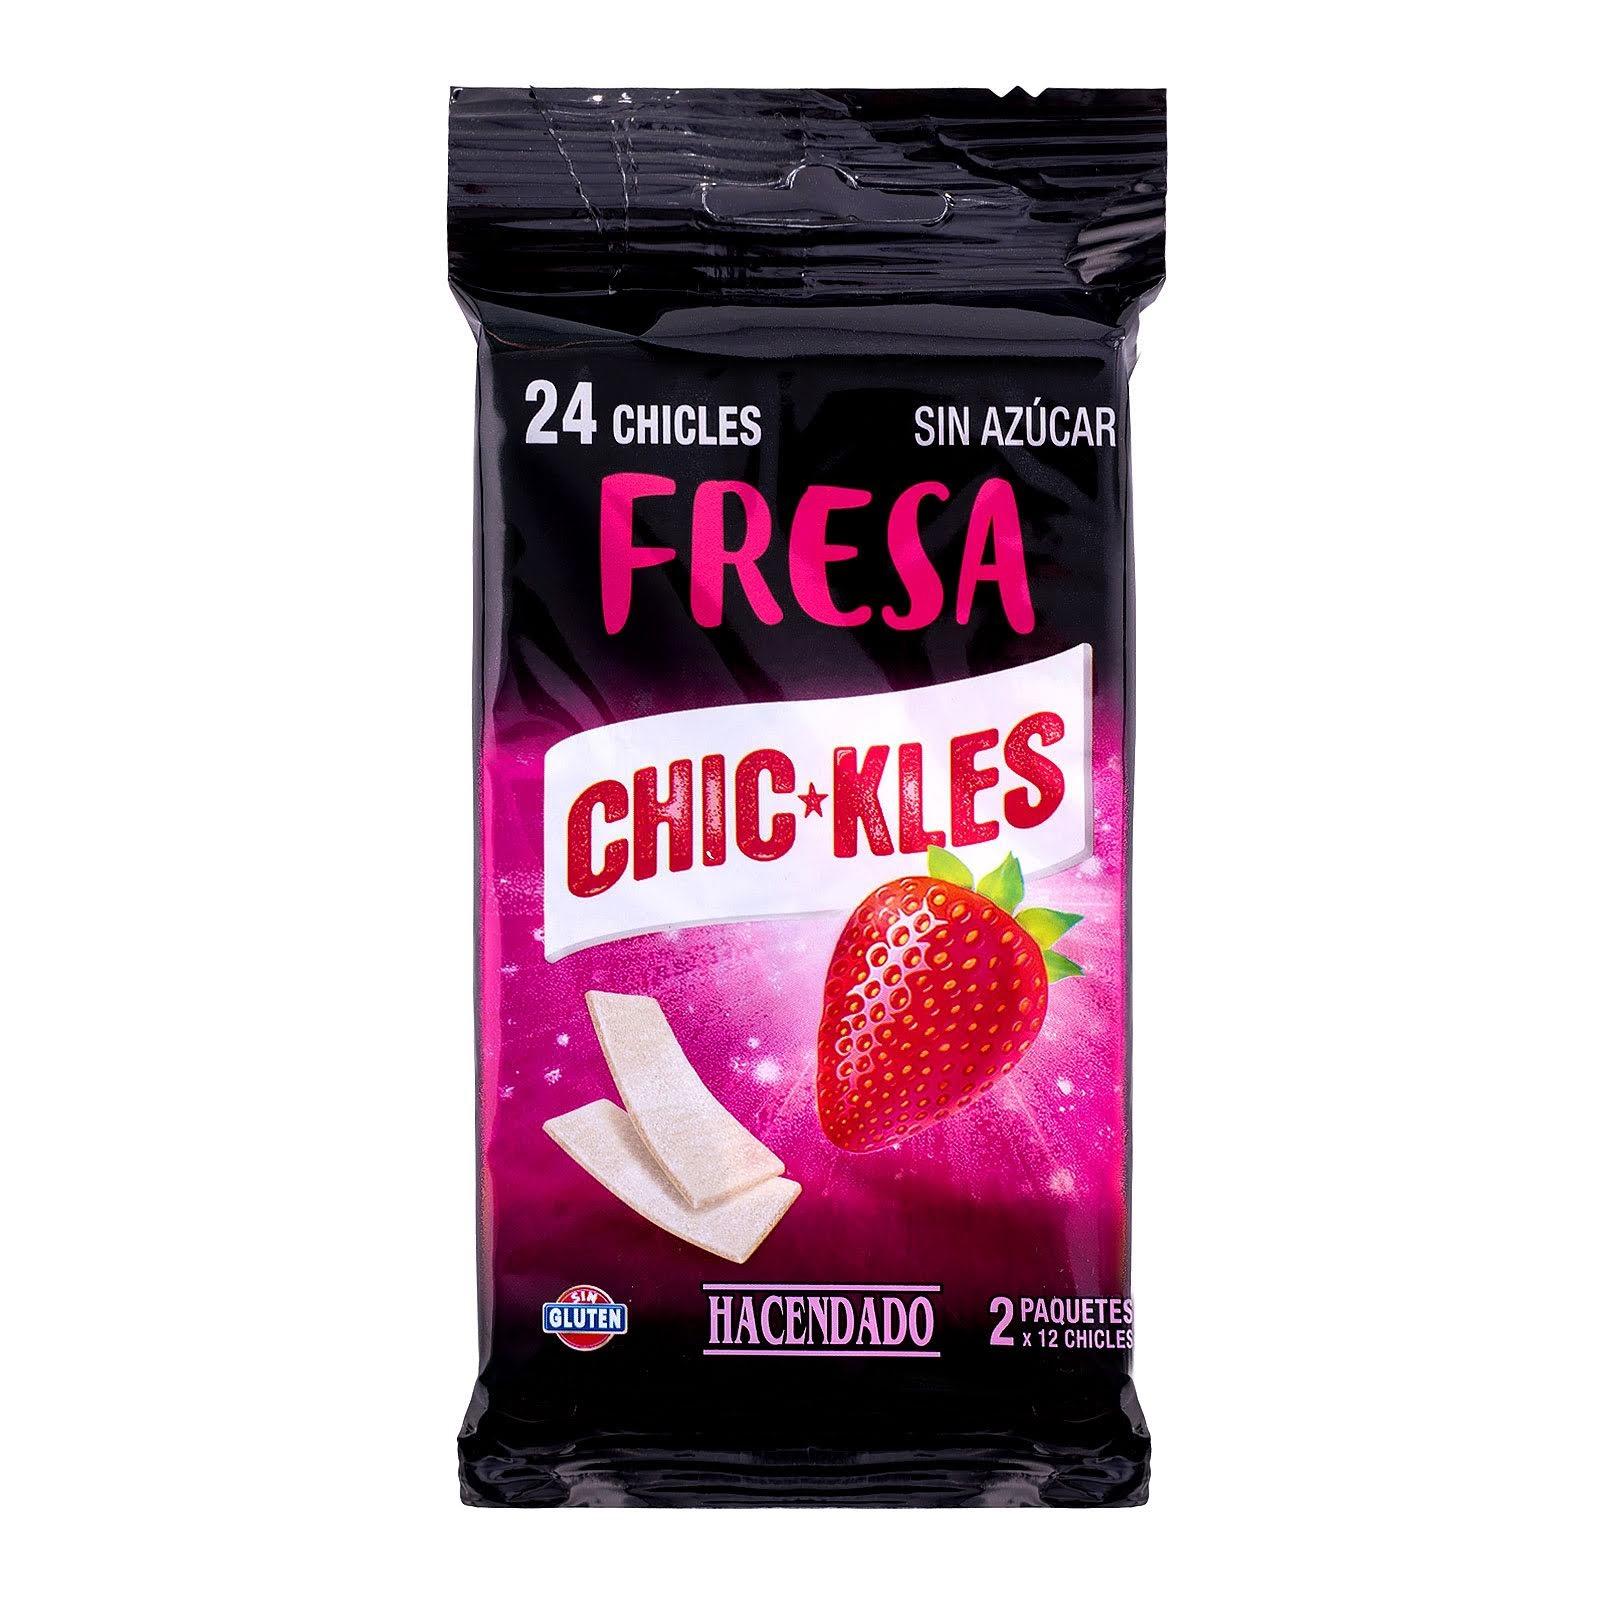 Chicles sin azúcar en láminas sabor fresa Chic-Kles Hacendado